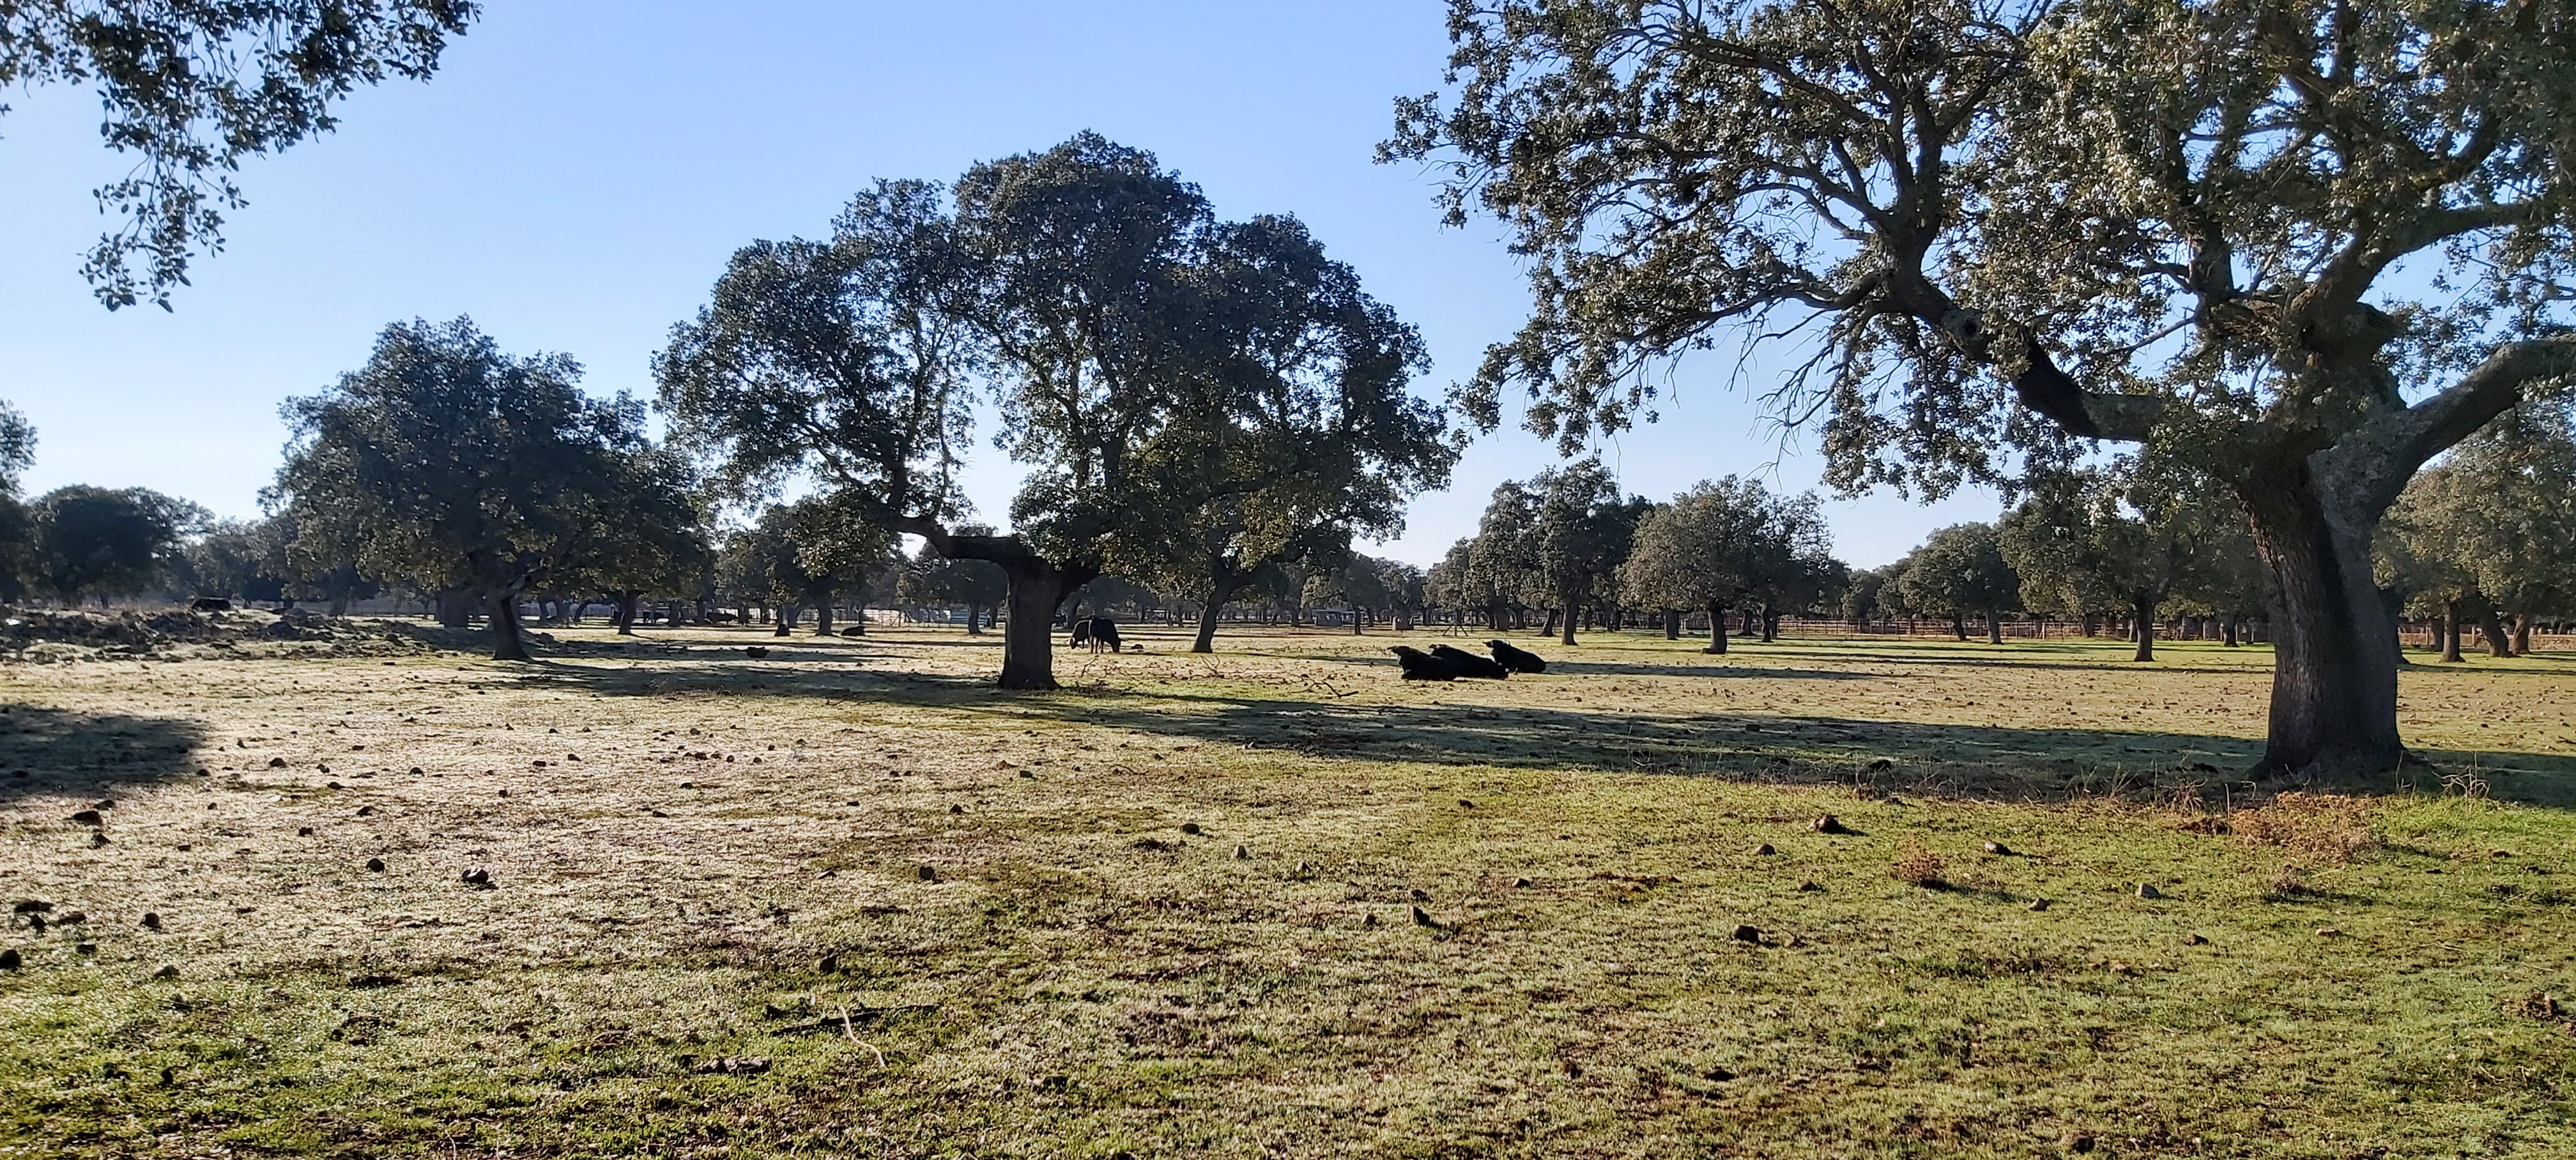 Les toros au campo